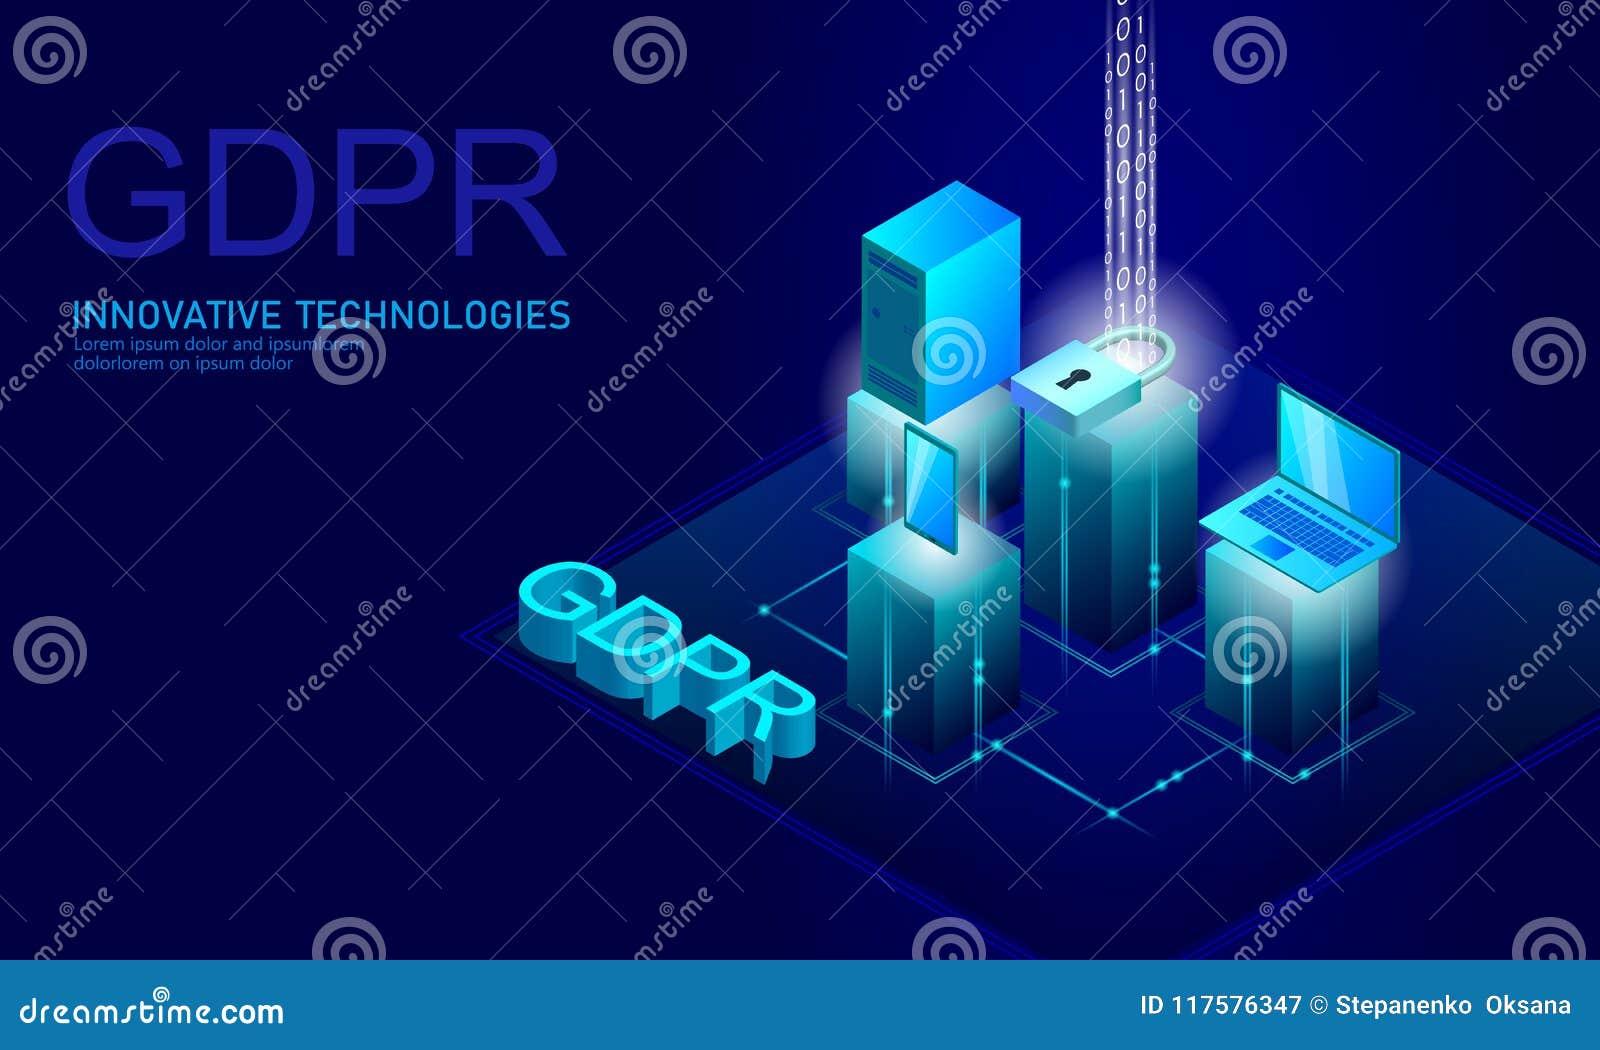 Закон GDPR защиты данных уединения Европейский союз экрана безопасности конфиденциальной информации данных регулированный Правый